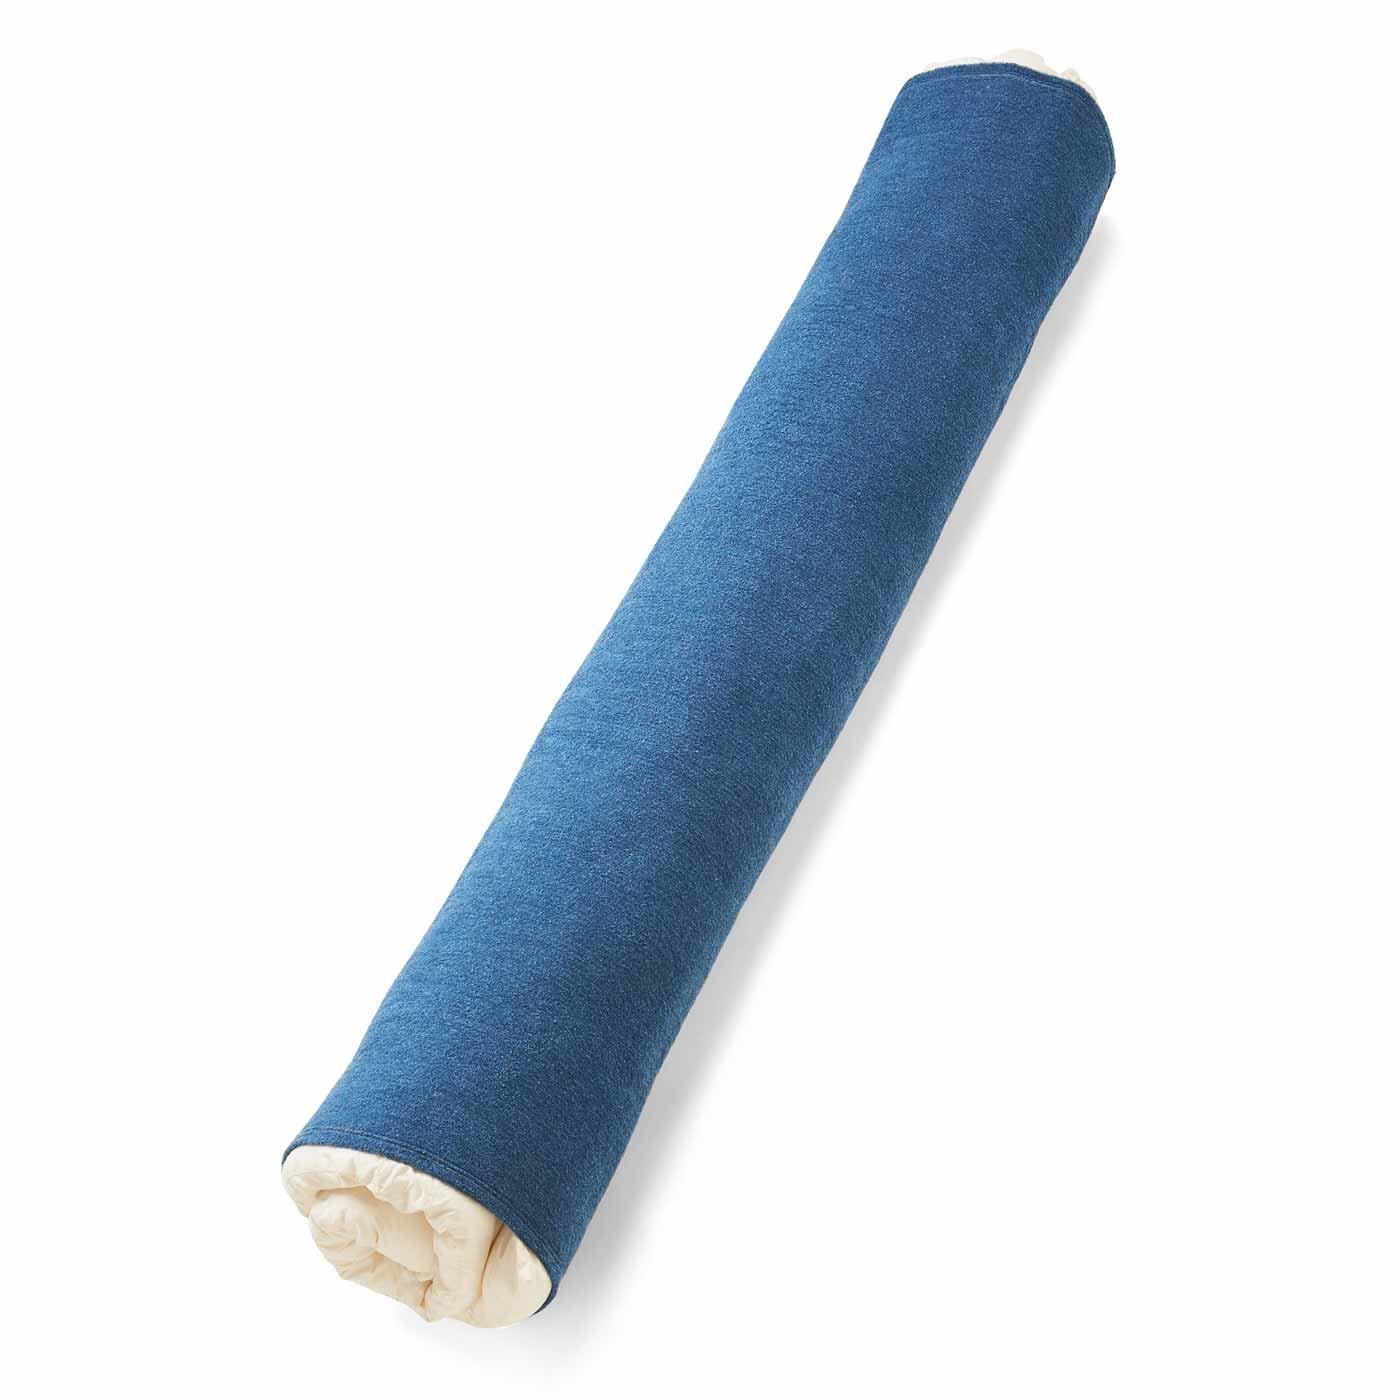 のびのびパイルの 布団収納抱き枕カバー〈インディゴブルー〉